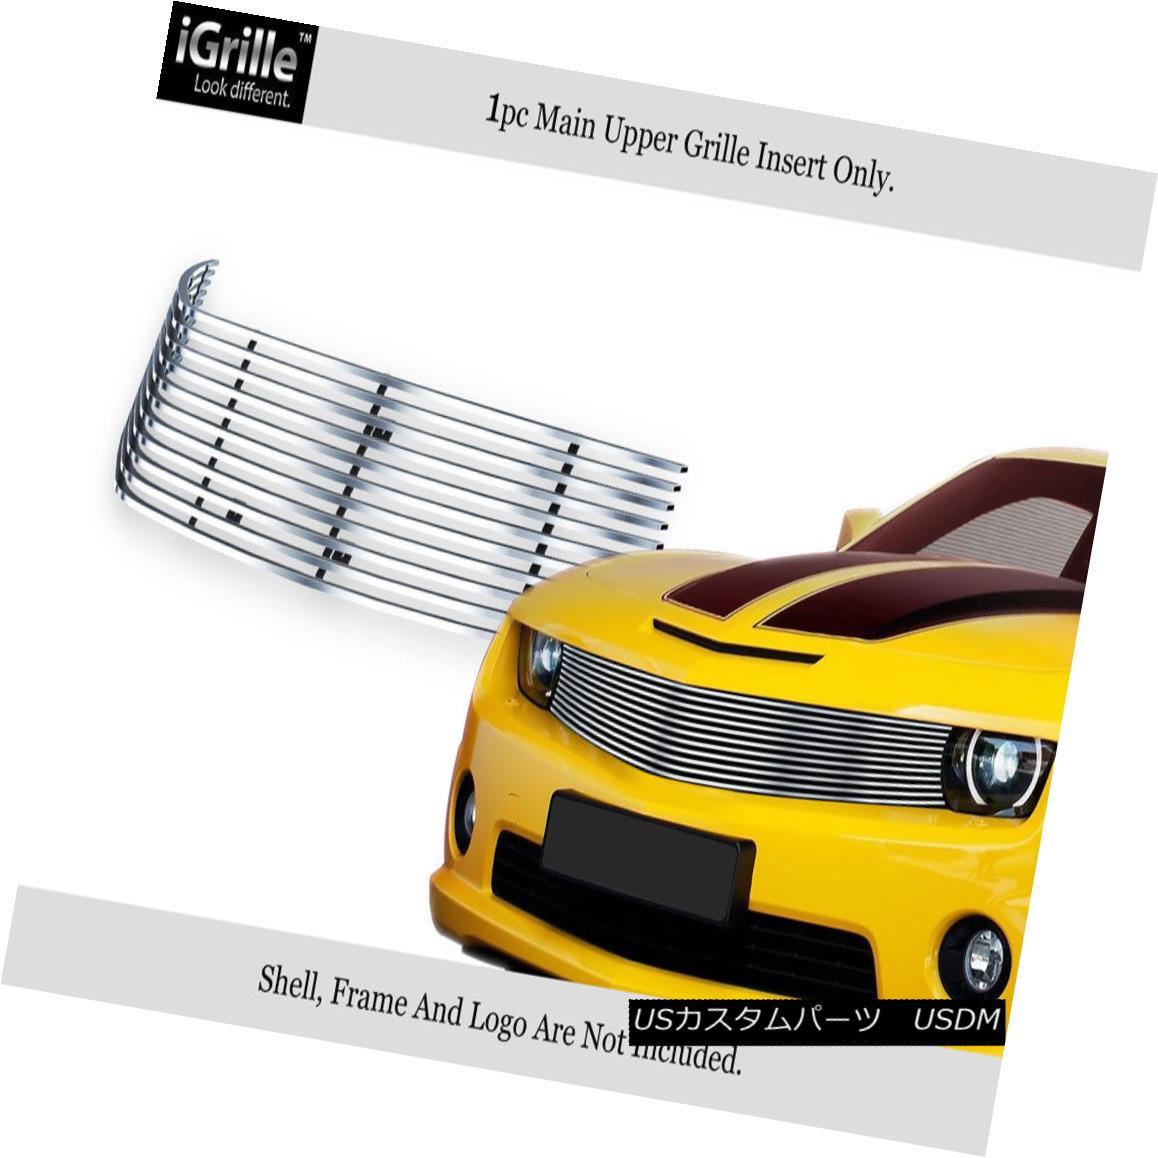 グリル Fits 2010-2013 Chevy Camaro LT/LS/RS/SS Stainless Steel Billet Grille フィット2010-2013シボレーカマロLT / LS / RS / SSステンレス鋼ビレットグリル